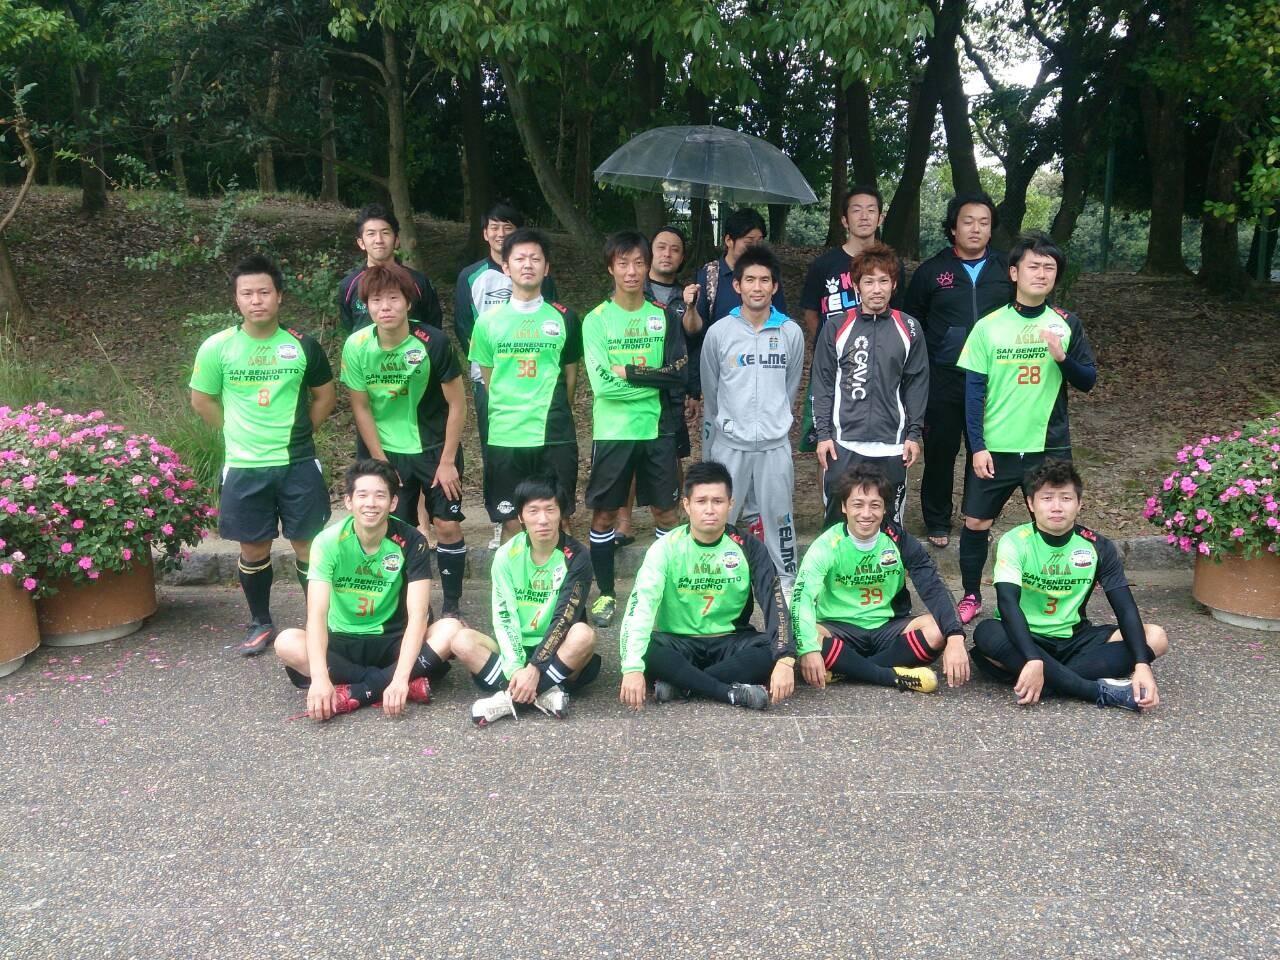 2014/10/5 寝屋川公園 vs fiducia vs ミストゥーラ